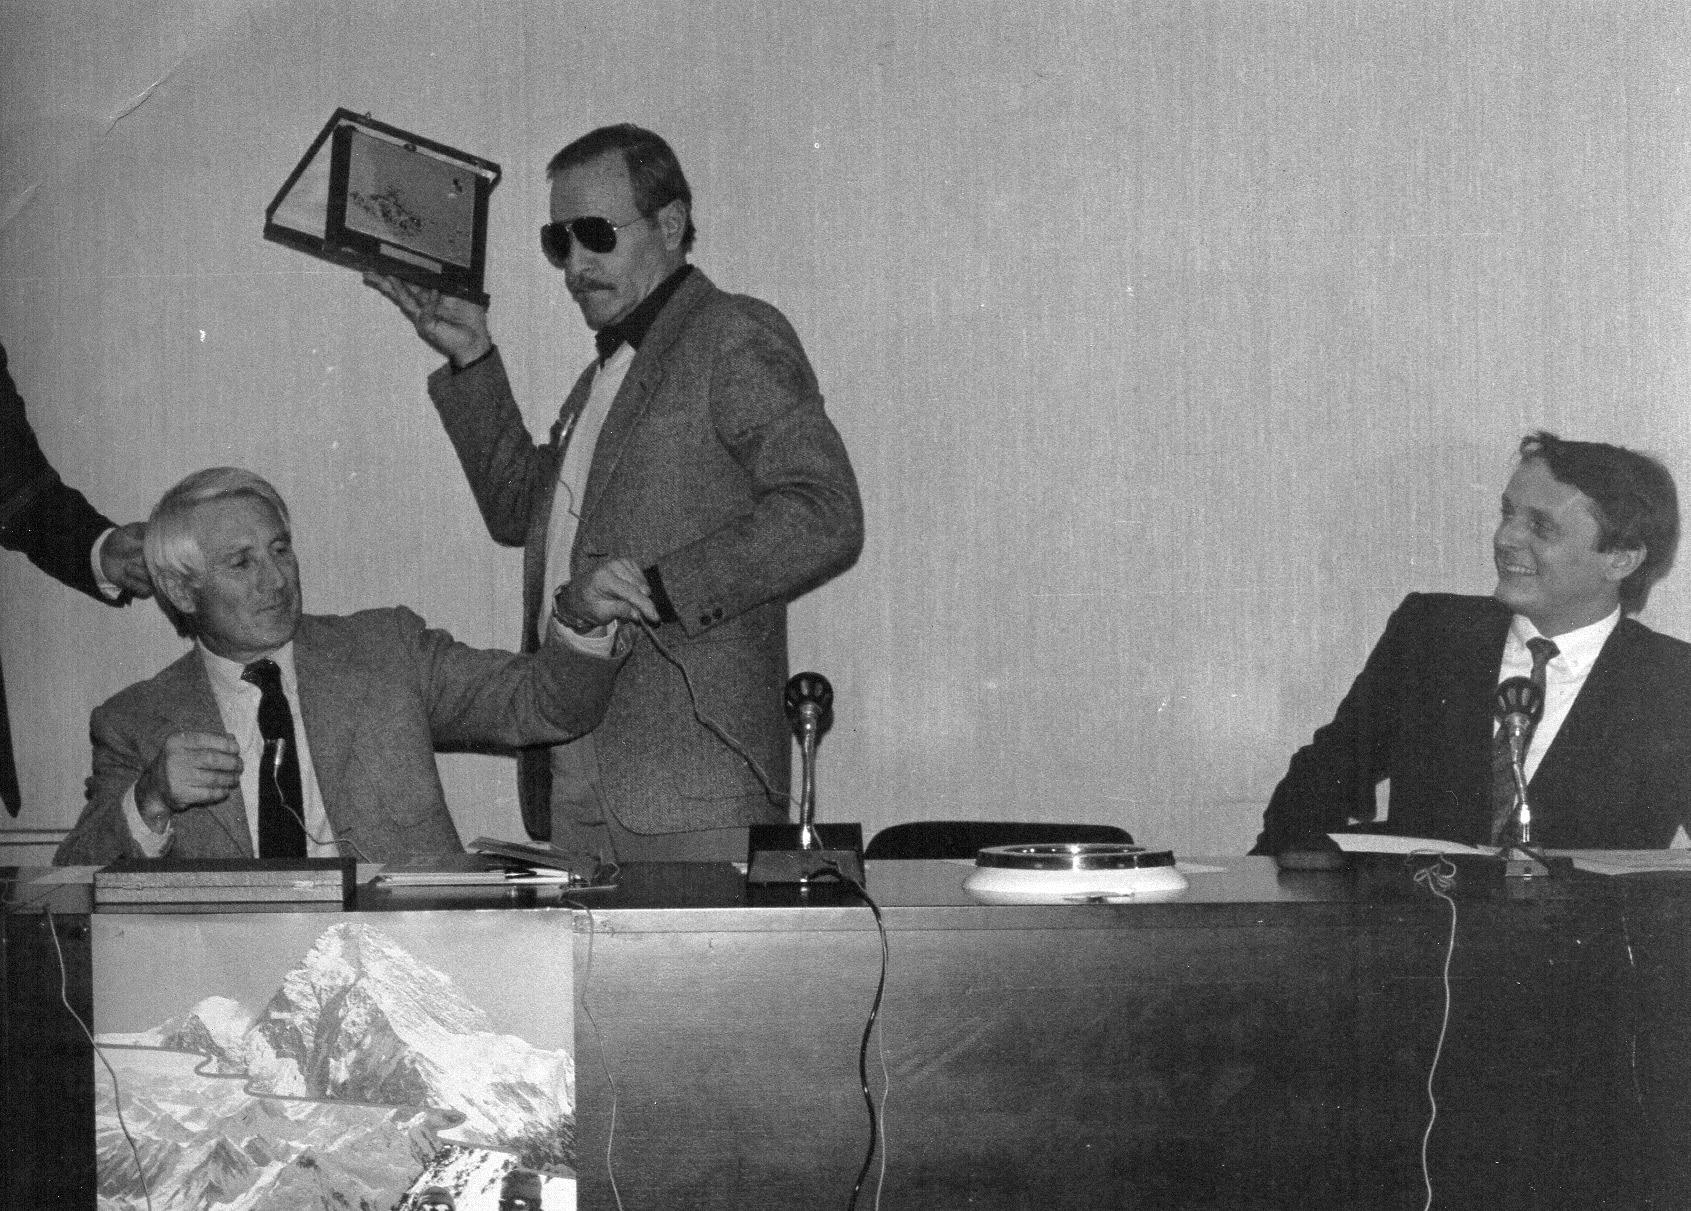 Walter Bonatti, Agostino da Polenza, Dino Perolari